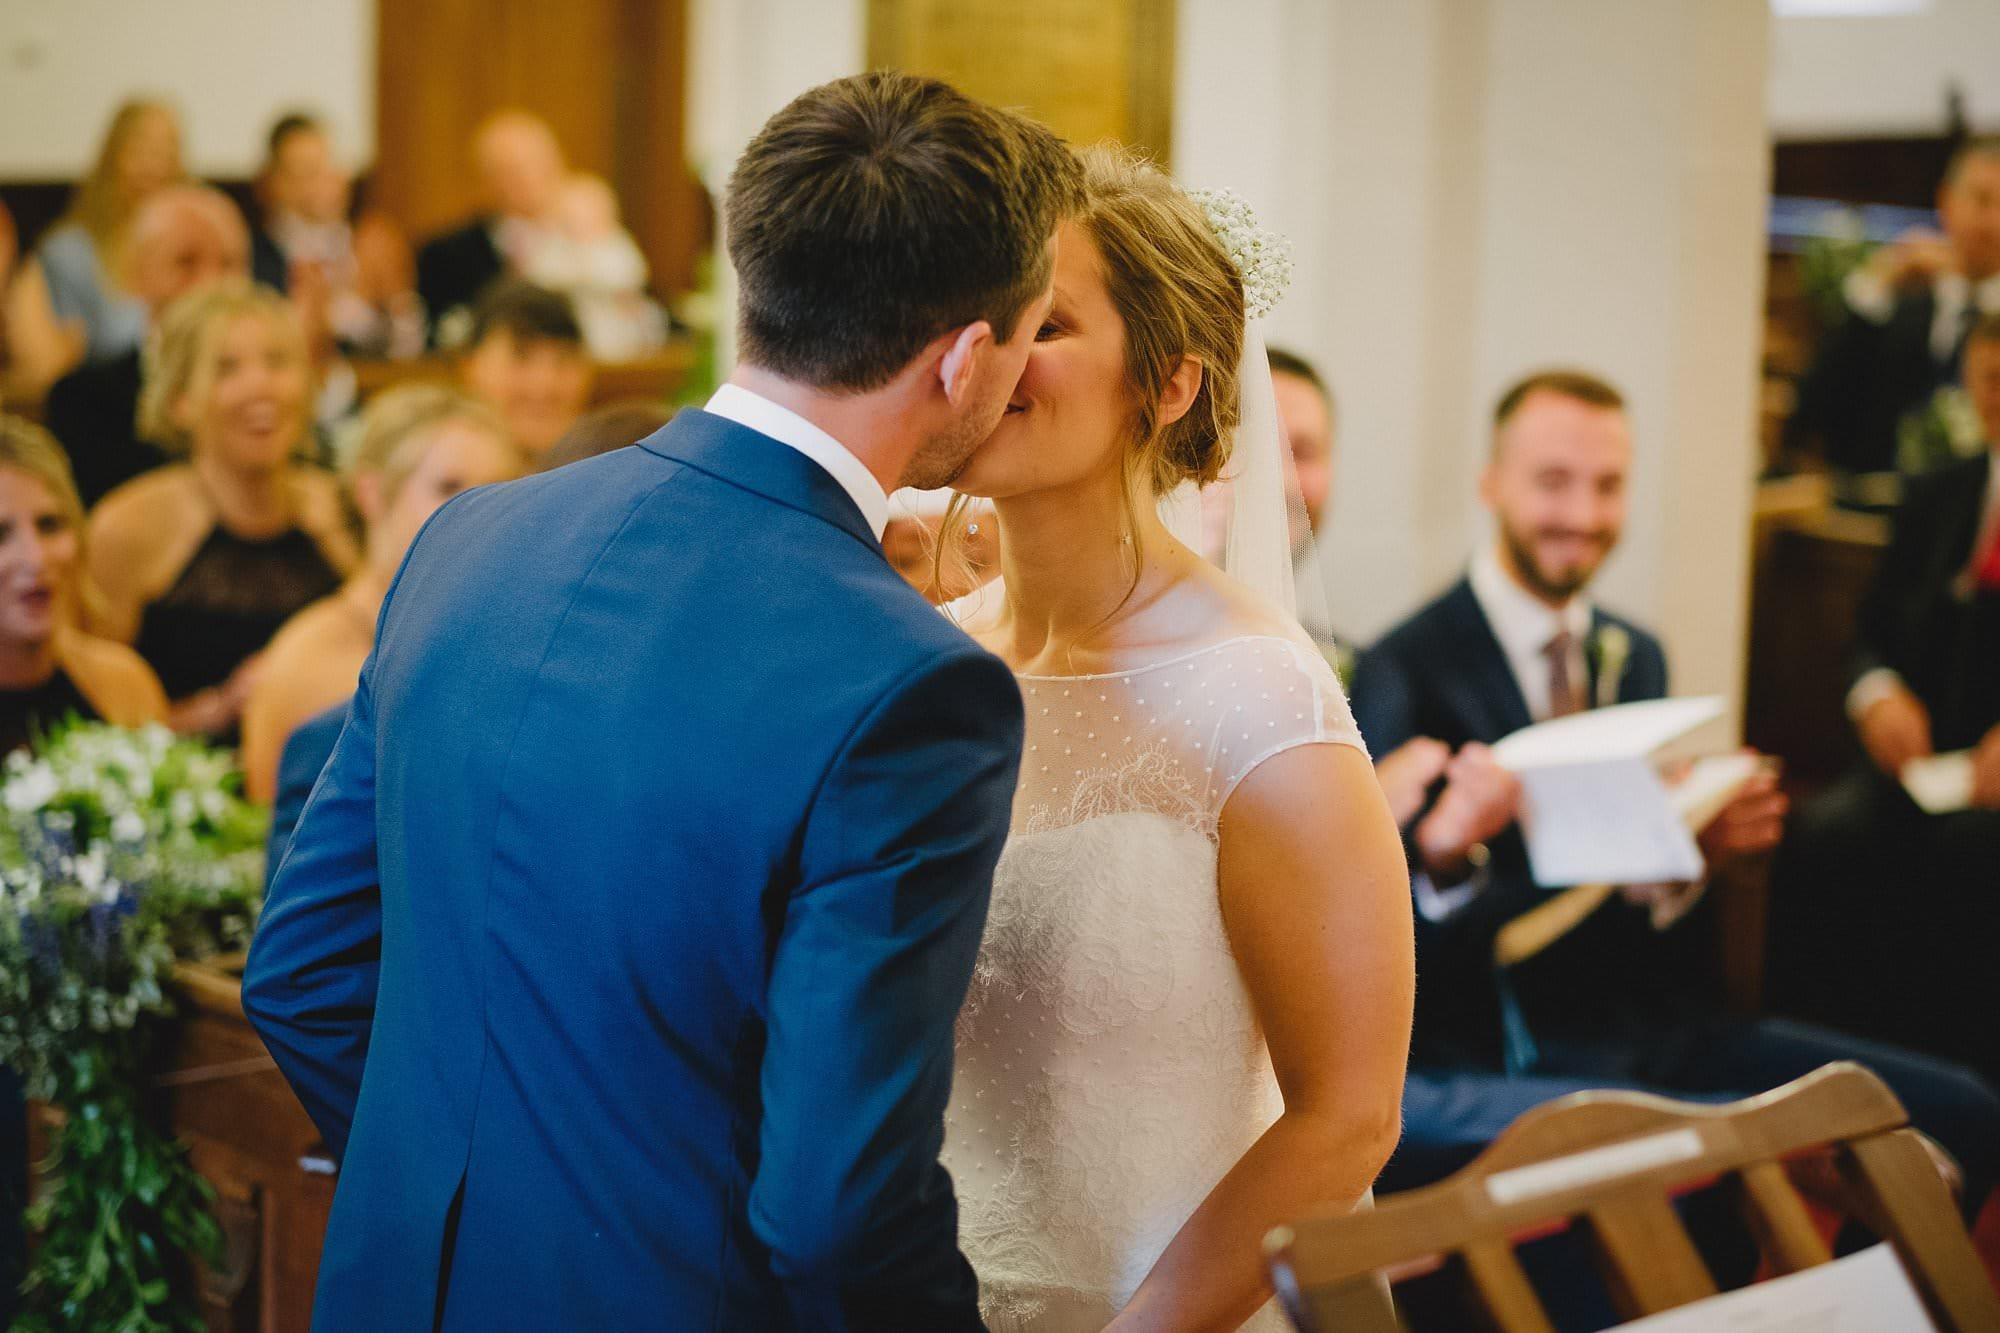 ashtead london wedding photographer 046 - Rachel & Jonny's Ashtead Wedding